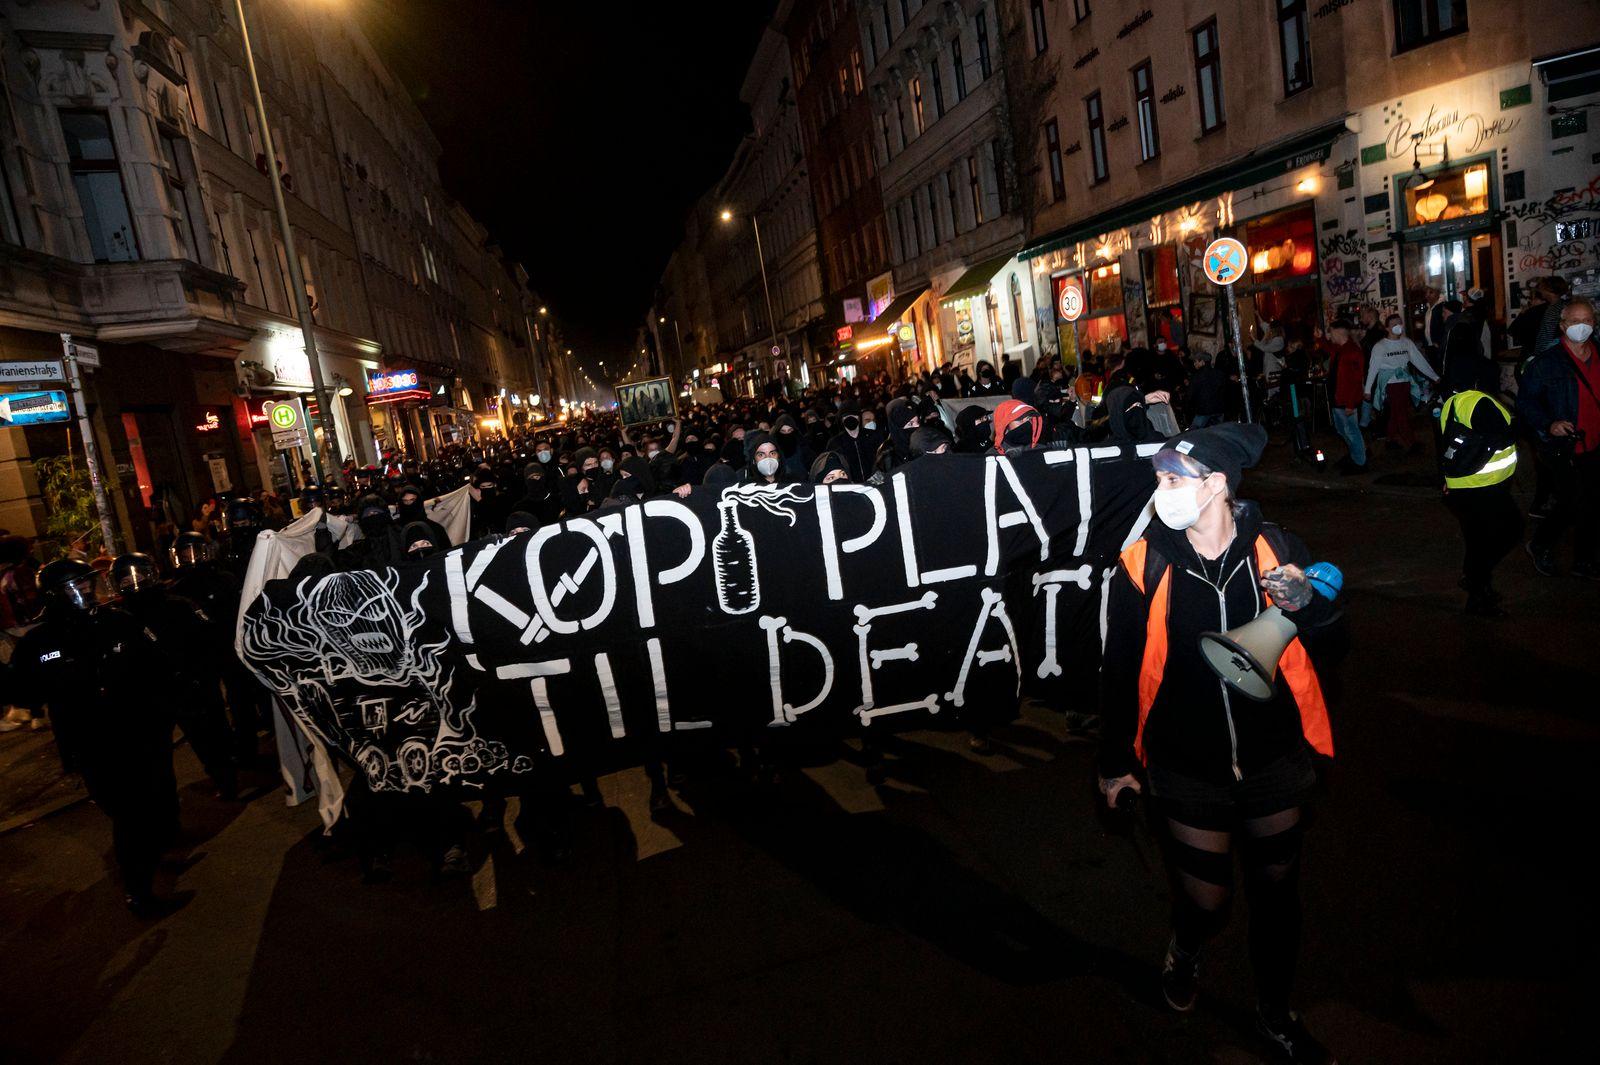 Berlin - Demonstration Defend Köpi